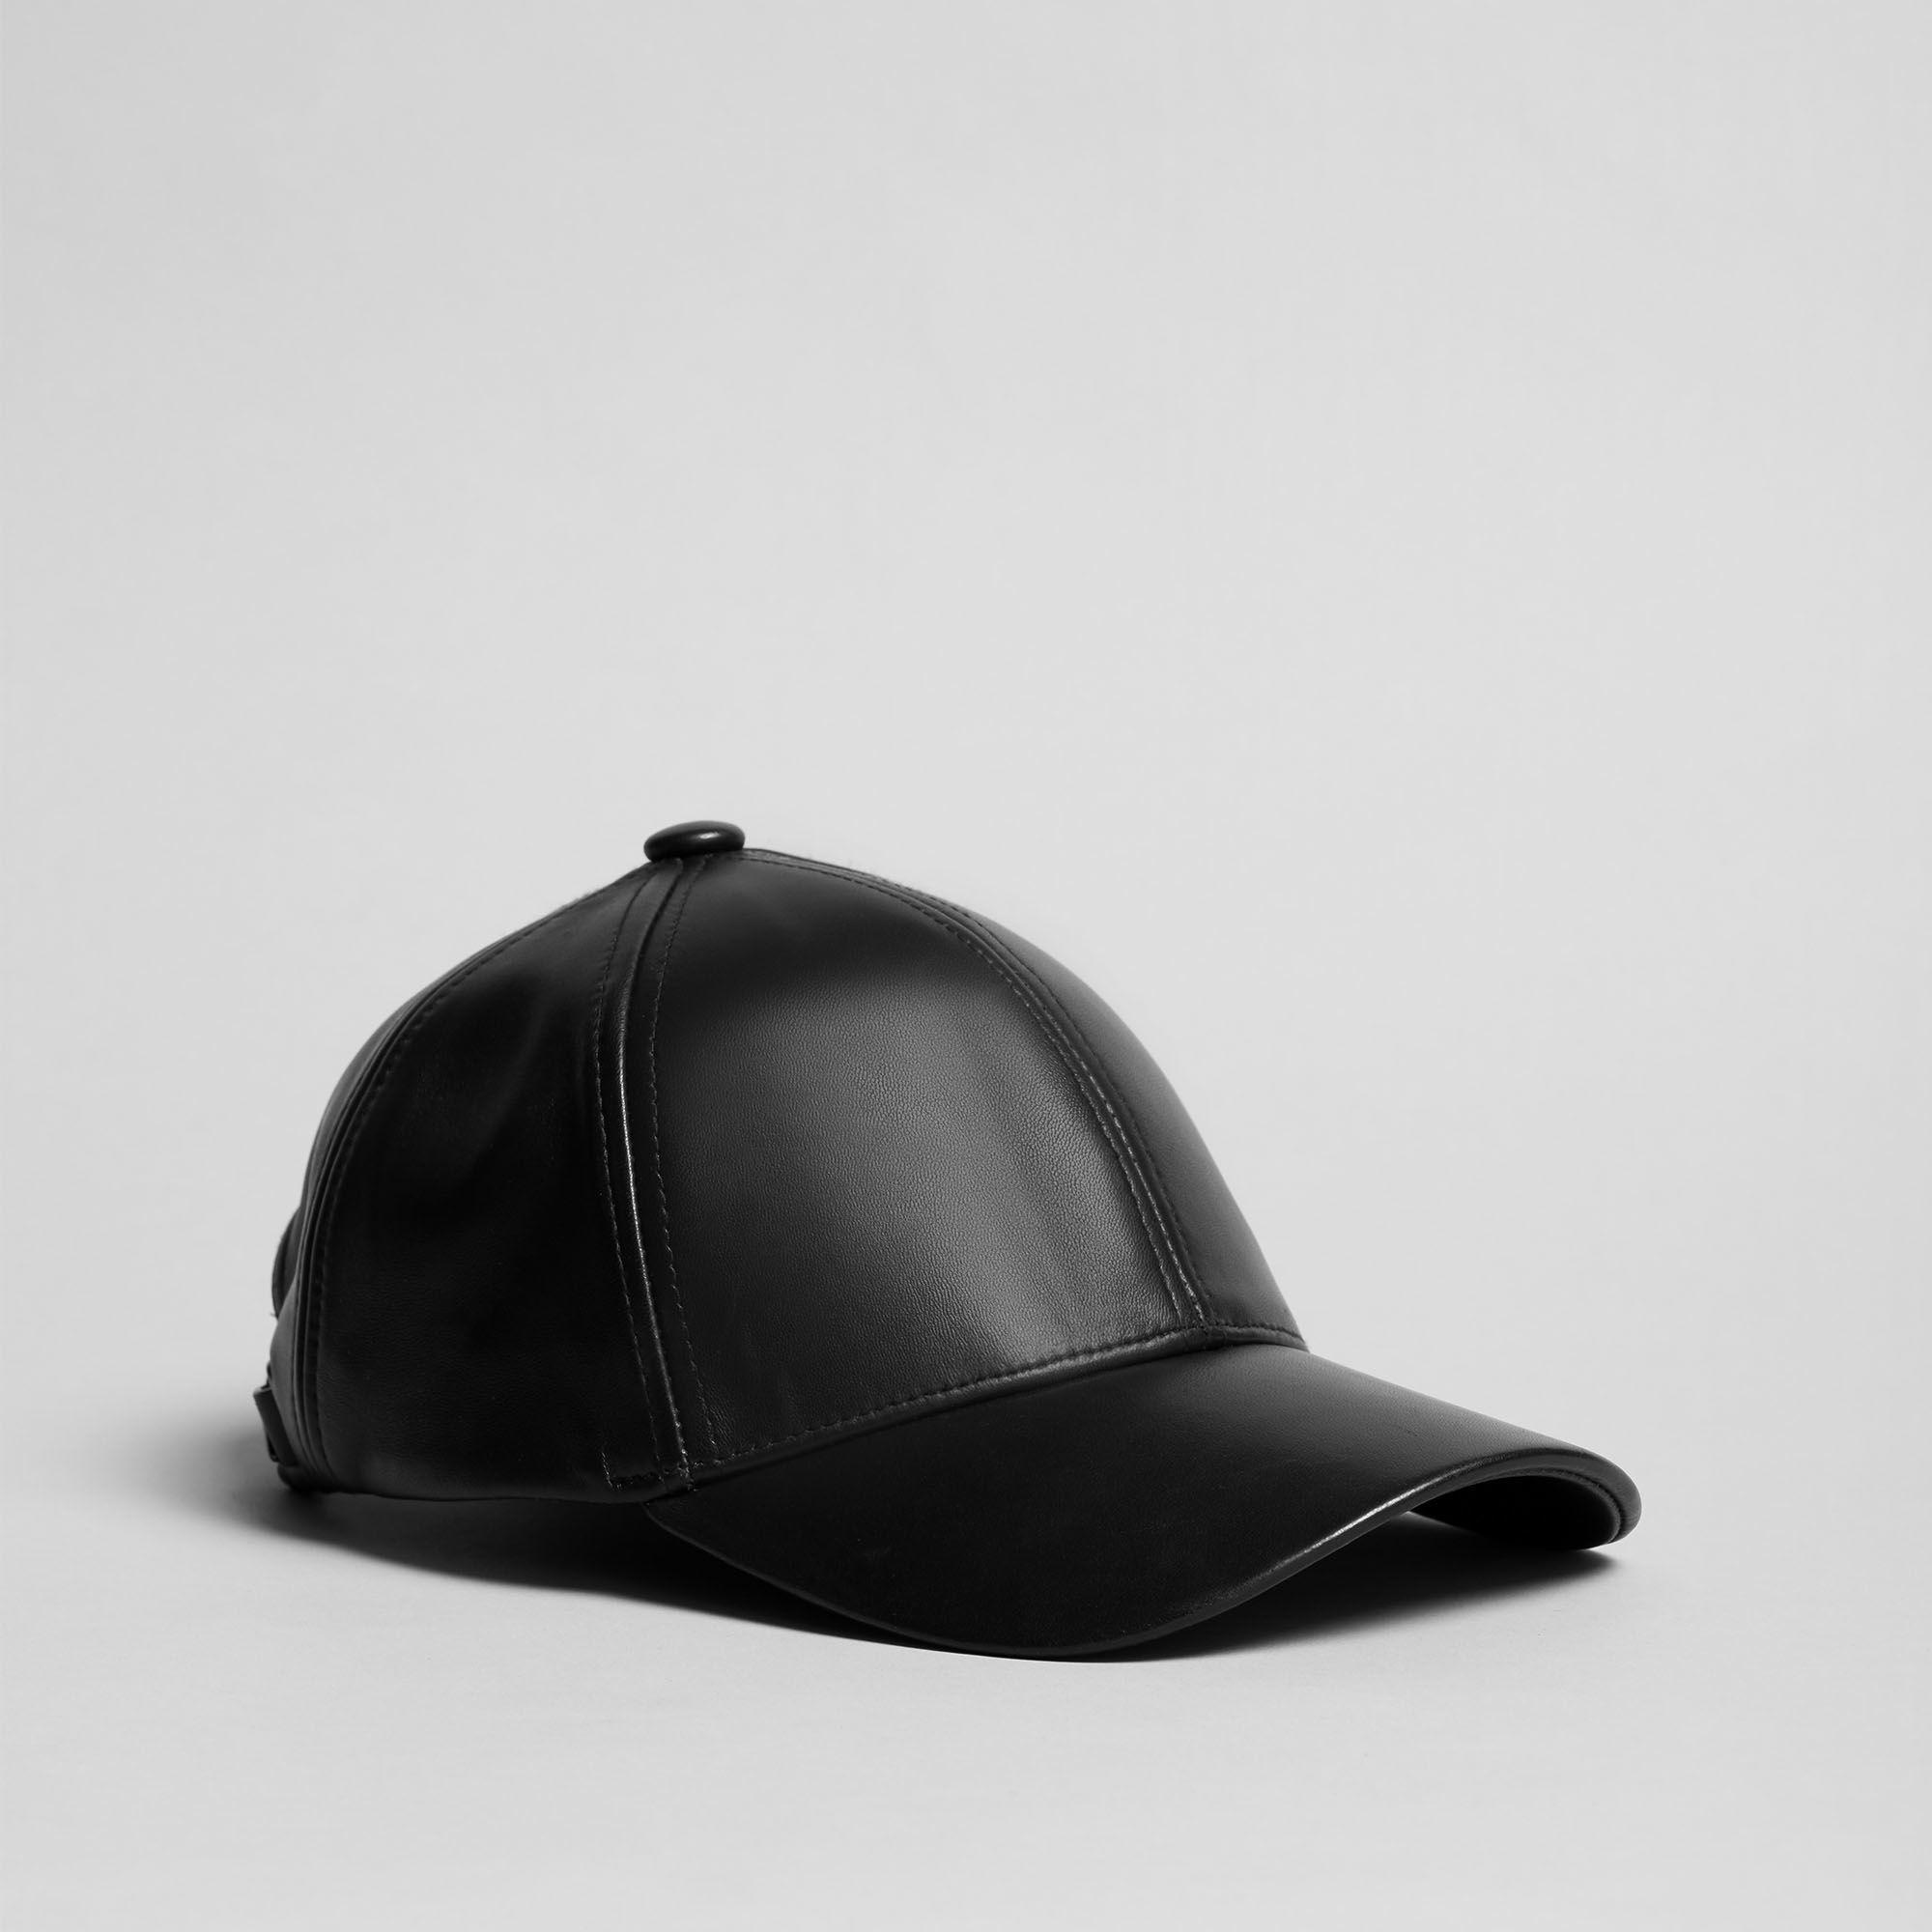 33c7648faa0 Lyst - Mackage Casper - Black - O s in Black for Men